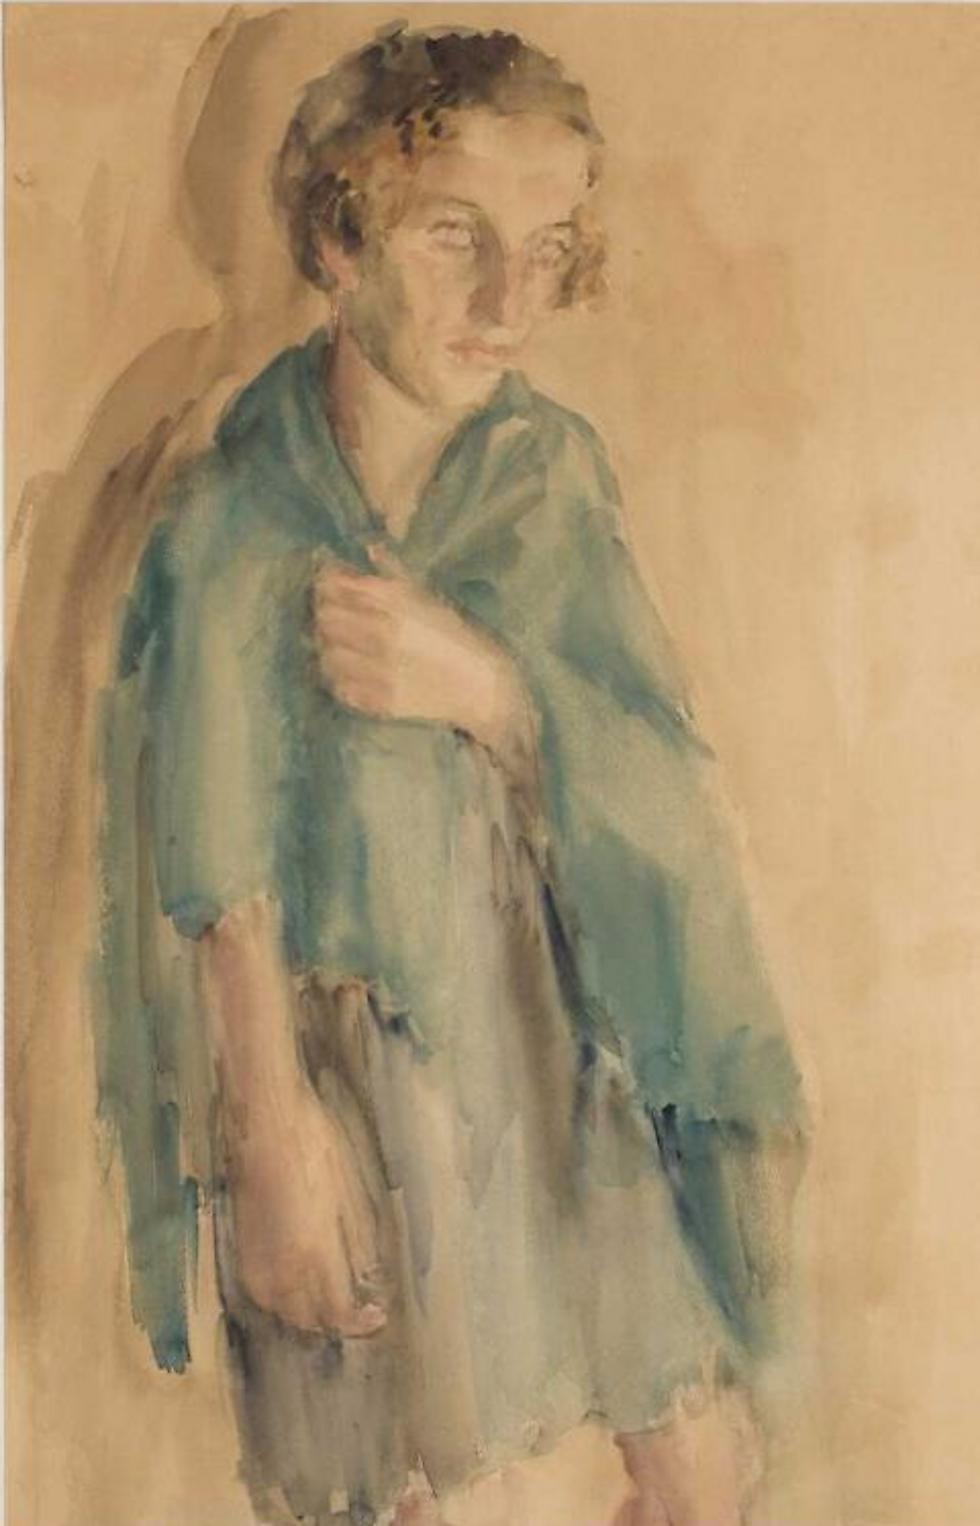 """""""עומק היאוש והכאב והרעב, הכל שם. יחד עם זאת, אלו לא תמונות זוועה, אלא תמונת קורעות לב"""" (באדיבות המוזיאון היהודי של פולין) (באדיבות המוזיאון היהודי של פולין)"""